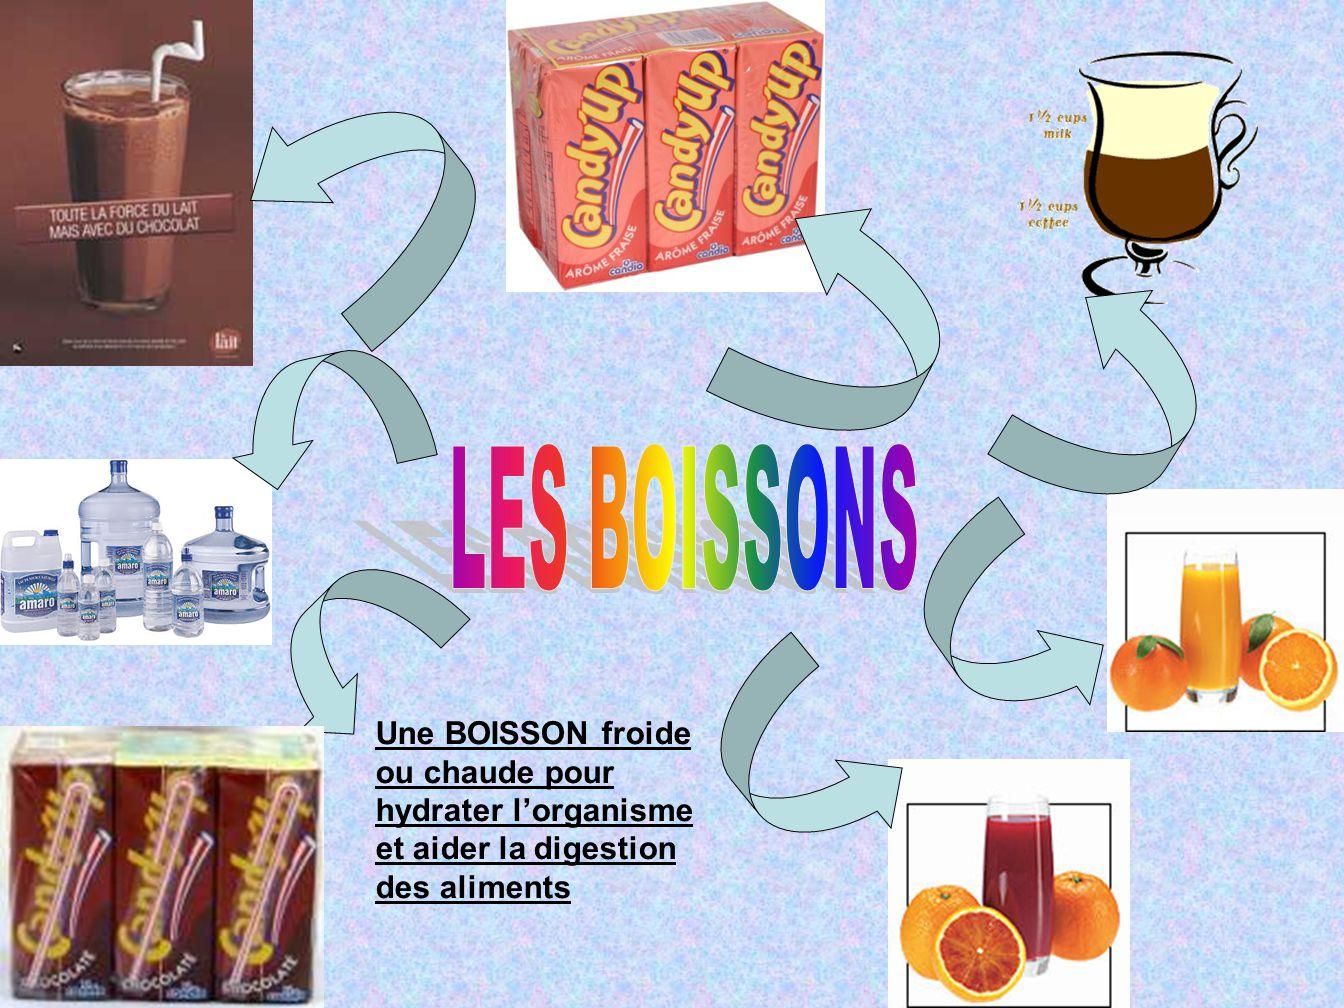 Une BOISSON froide ou chaude pour hydrater l'organisme et aider la digestion des aliments